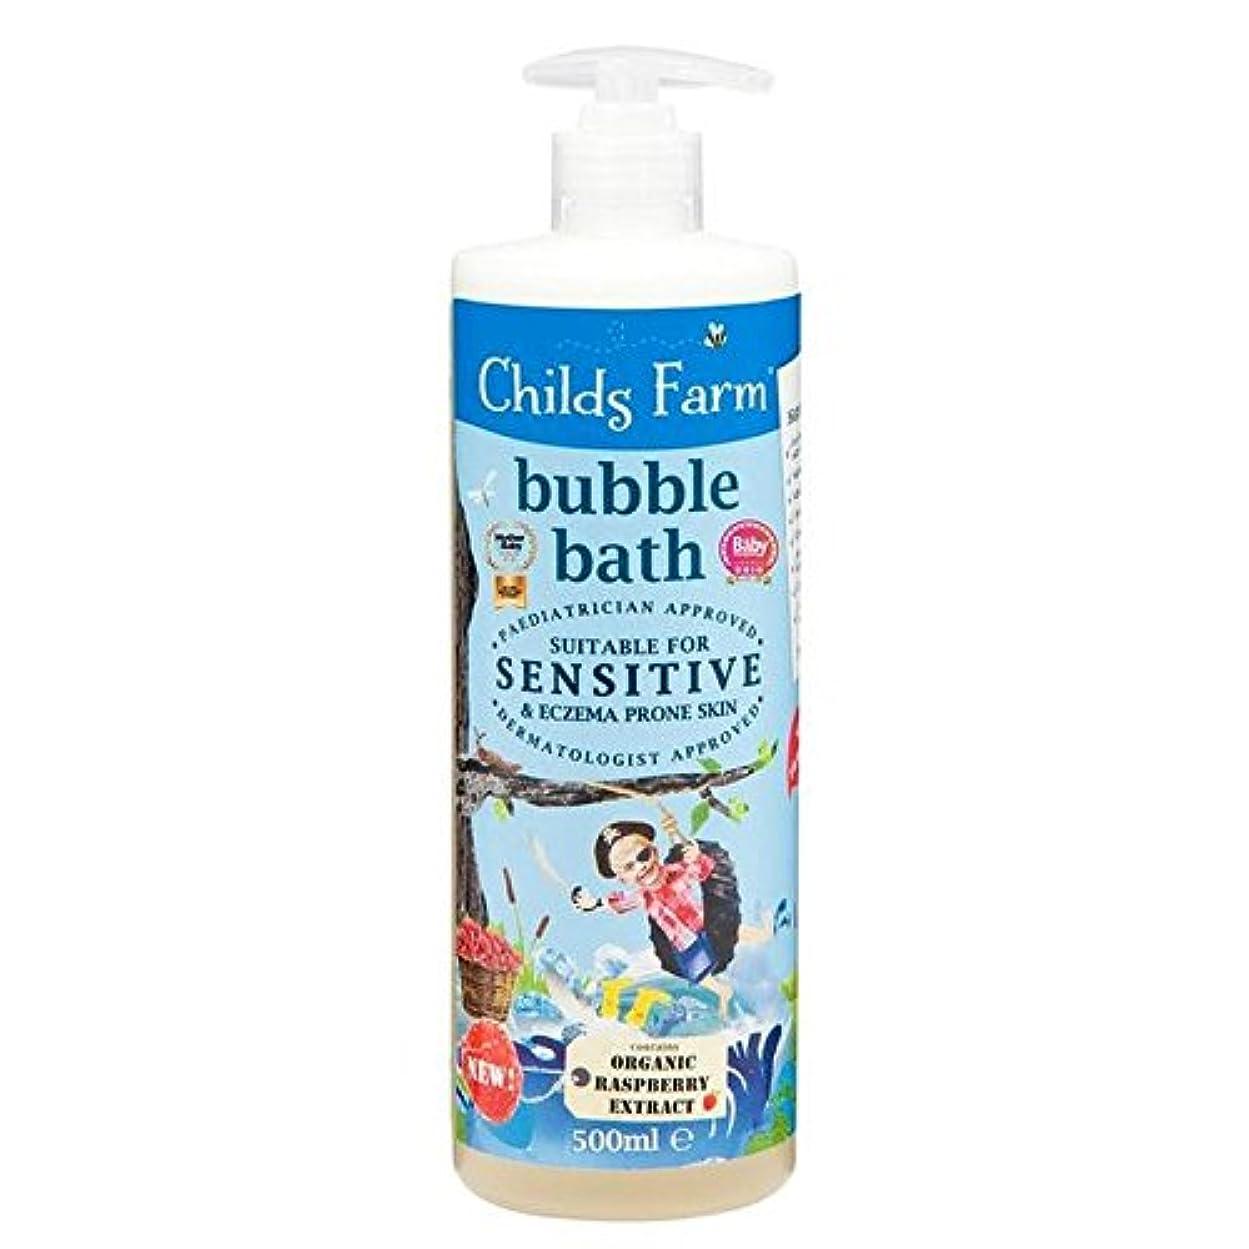 深くサイト知り合いChilds Farm Bubble Bath for Bucaneers 500ml - 500ミリリットルのための農場の泡風呂をチャイルズ [並行輸入品]